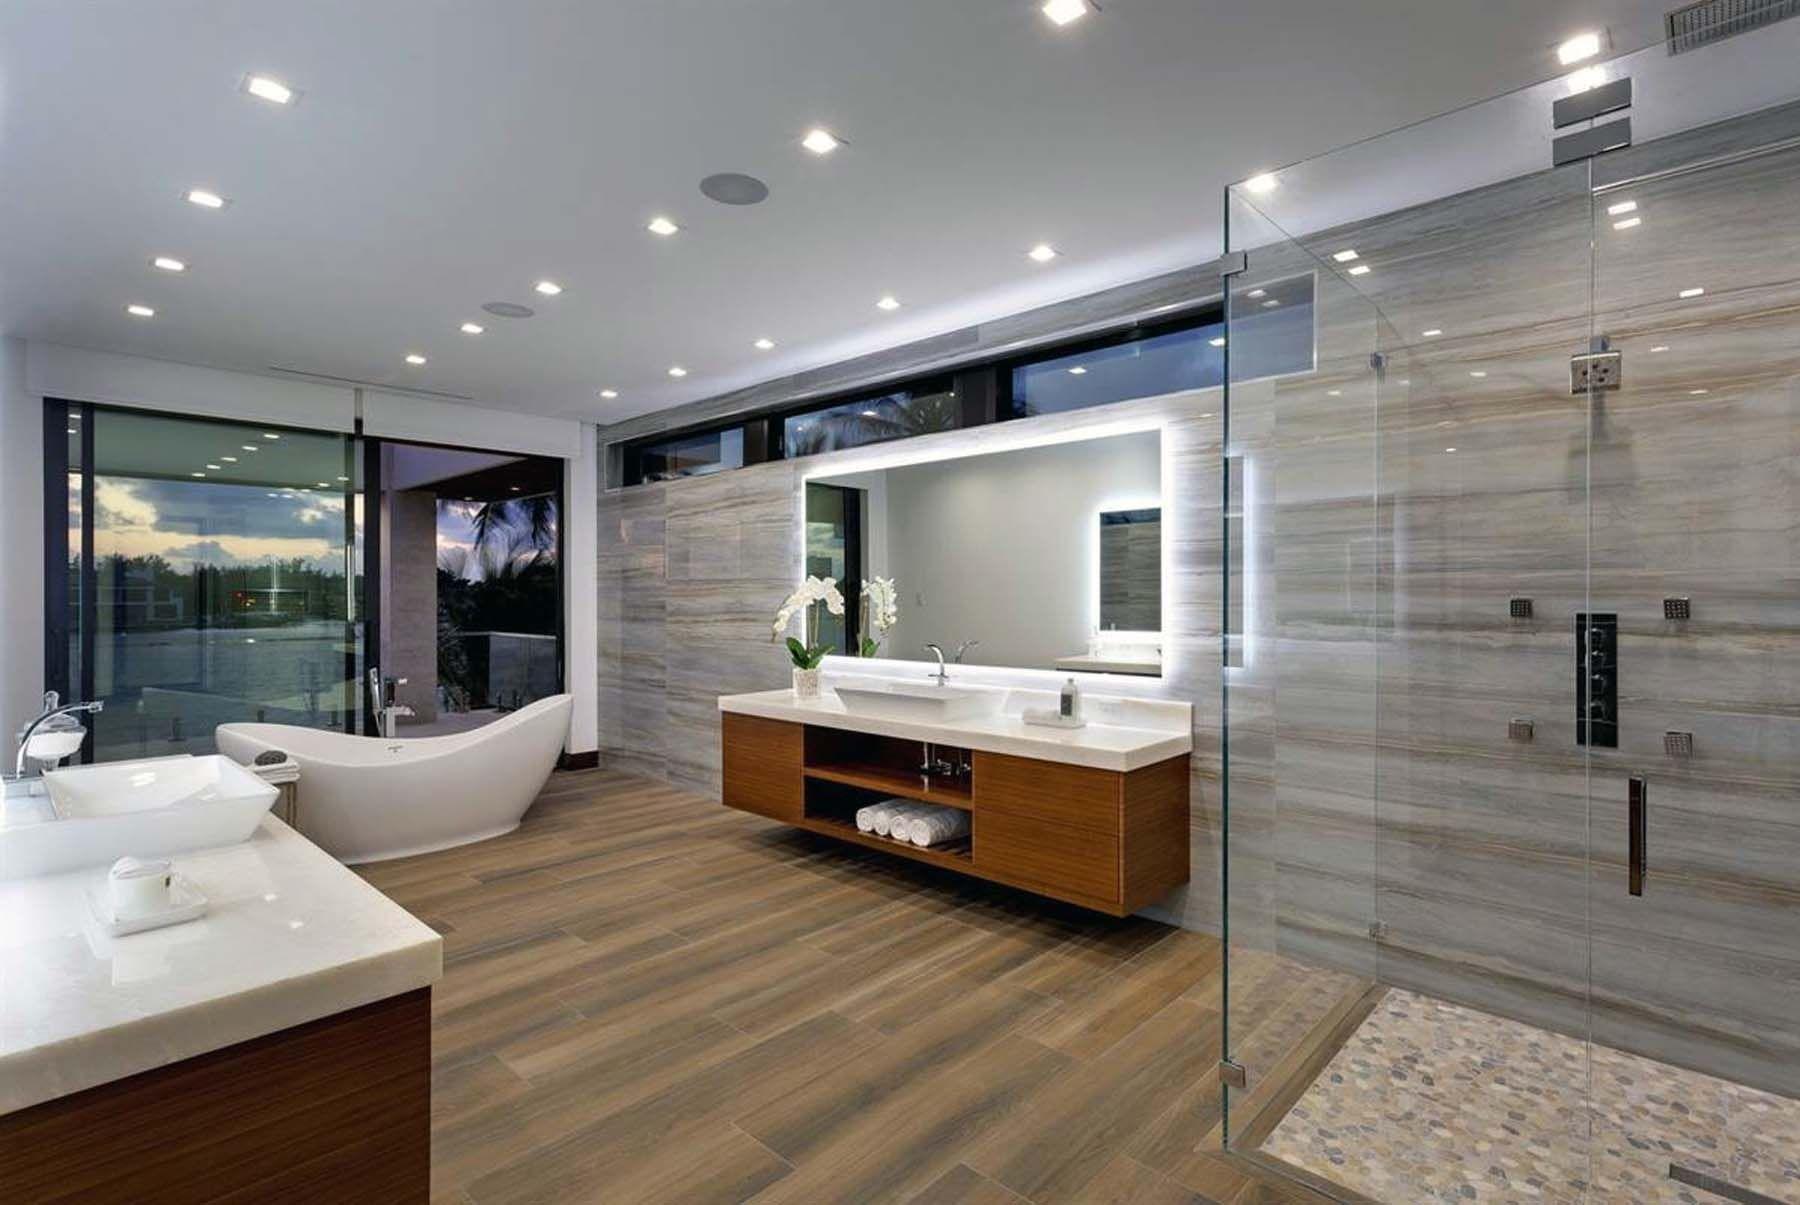 Modern Bathroom Design Ideas 2019 Modern Bathroom Pics Gambrick In 2020 Luxury Bathroom Design Modern Modern Bathroom Design Modern Bathroom